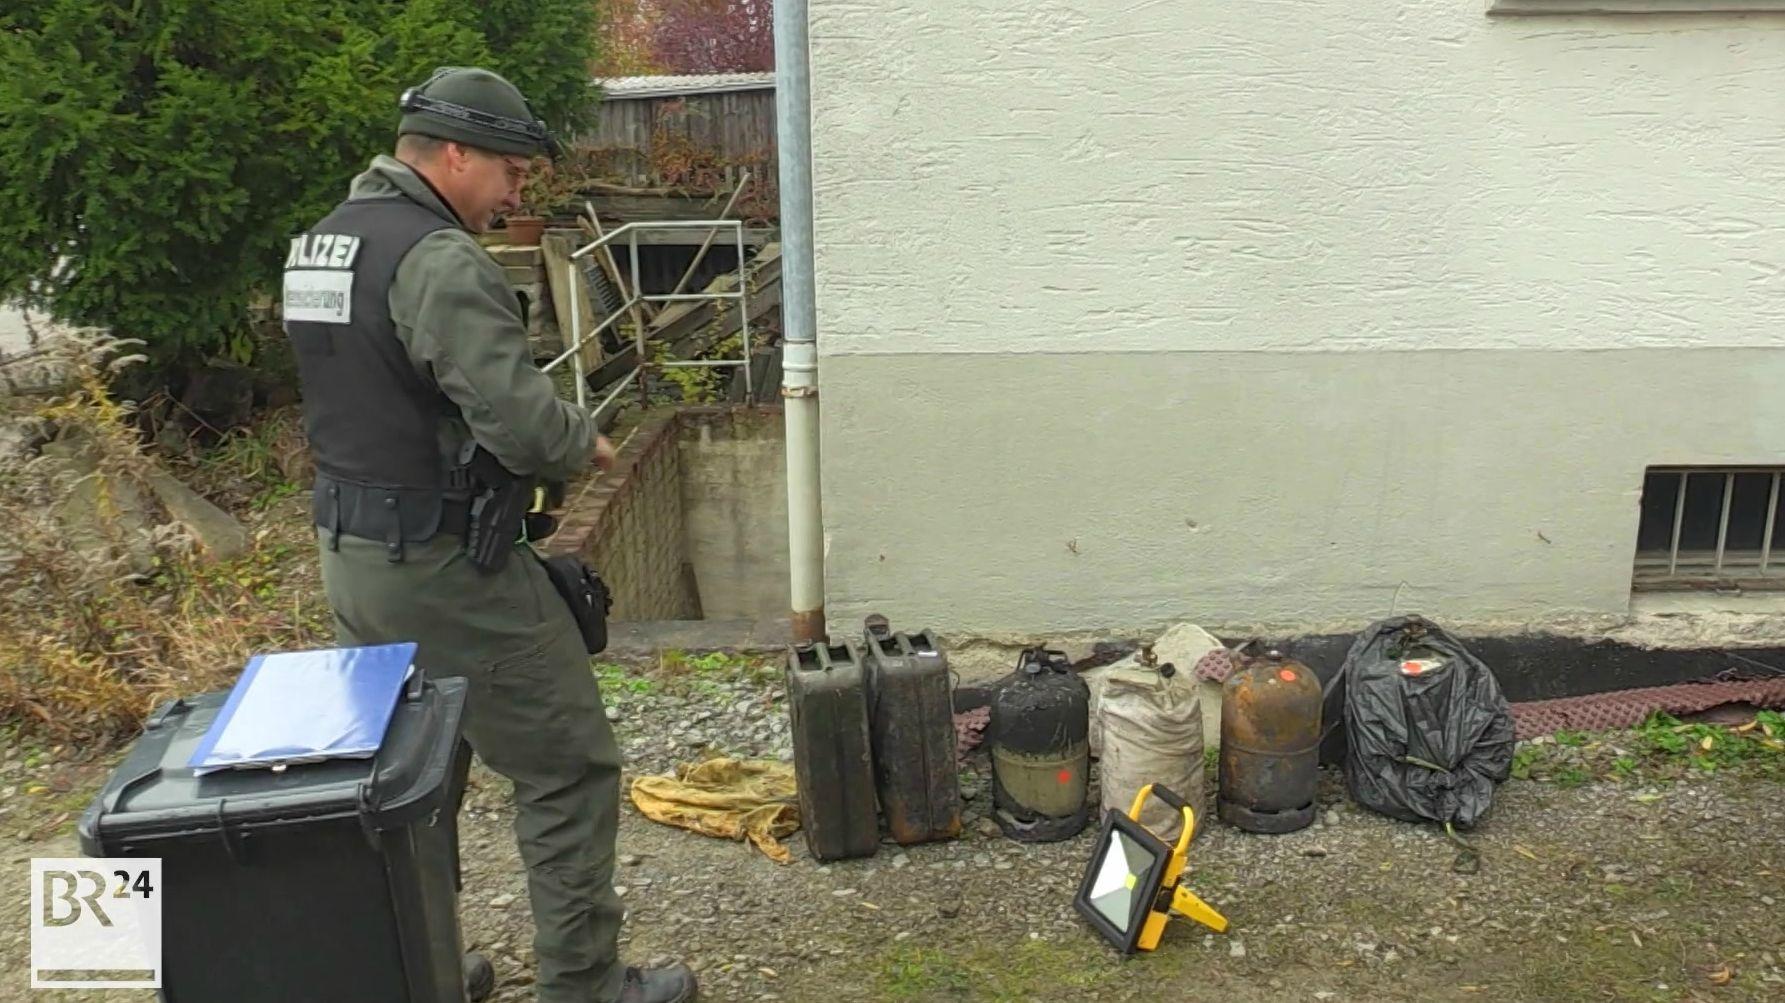 Ein Polizist sichert Beweise vor dem Haus